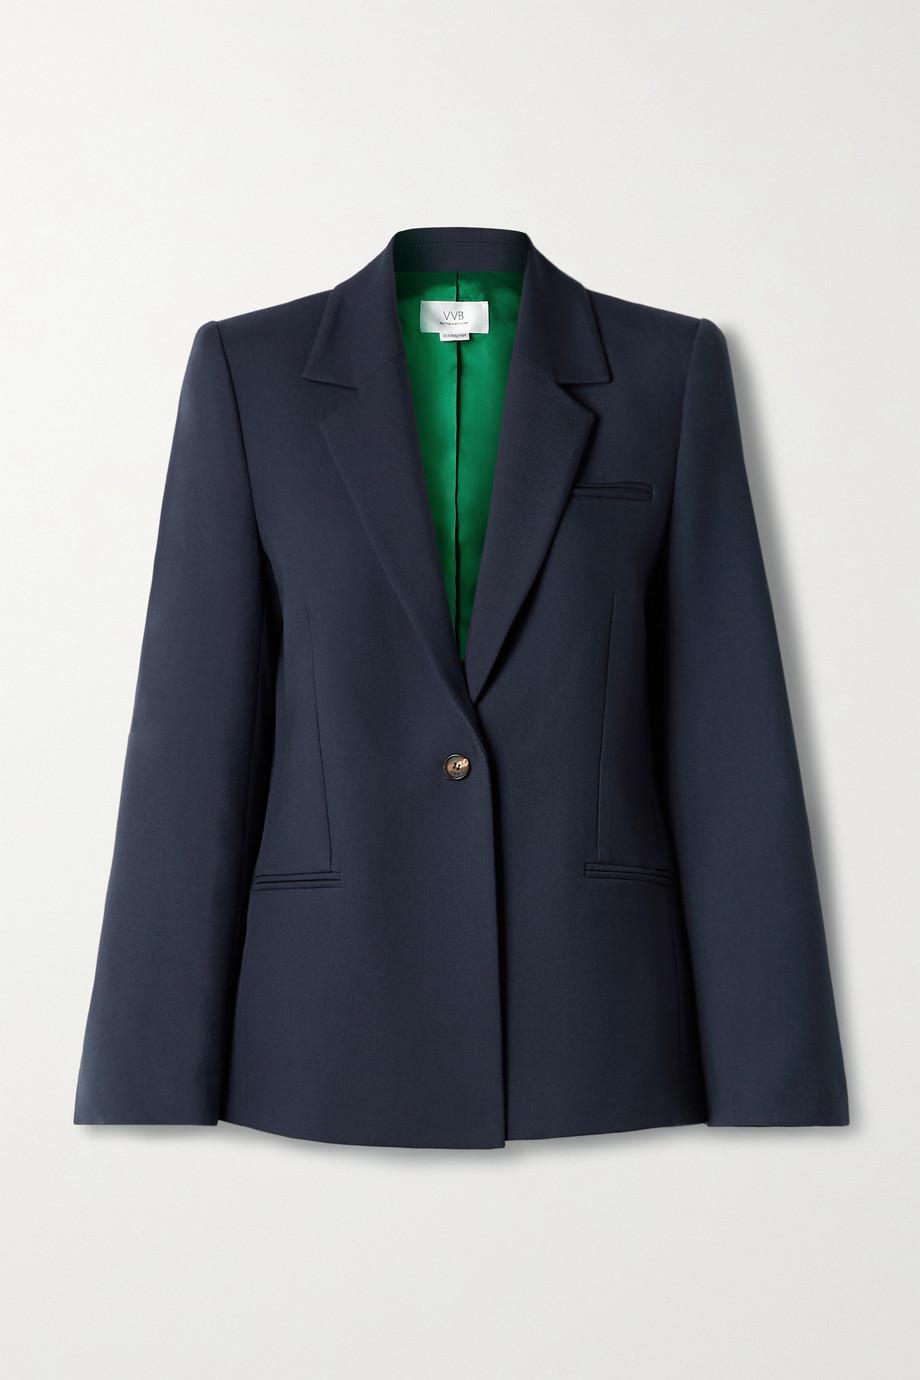 Victoria, Victoria Beckham Woven blazer